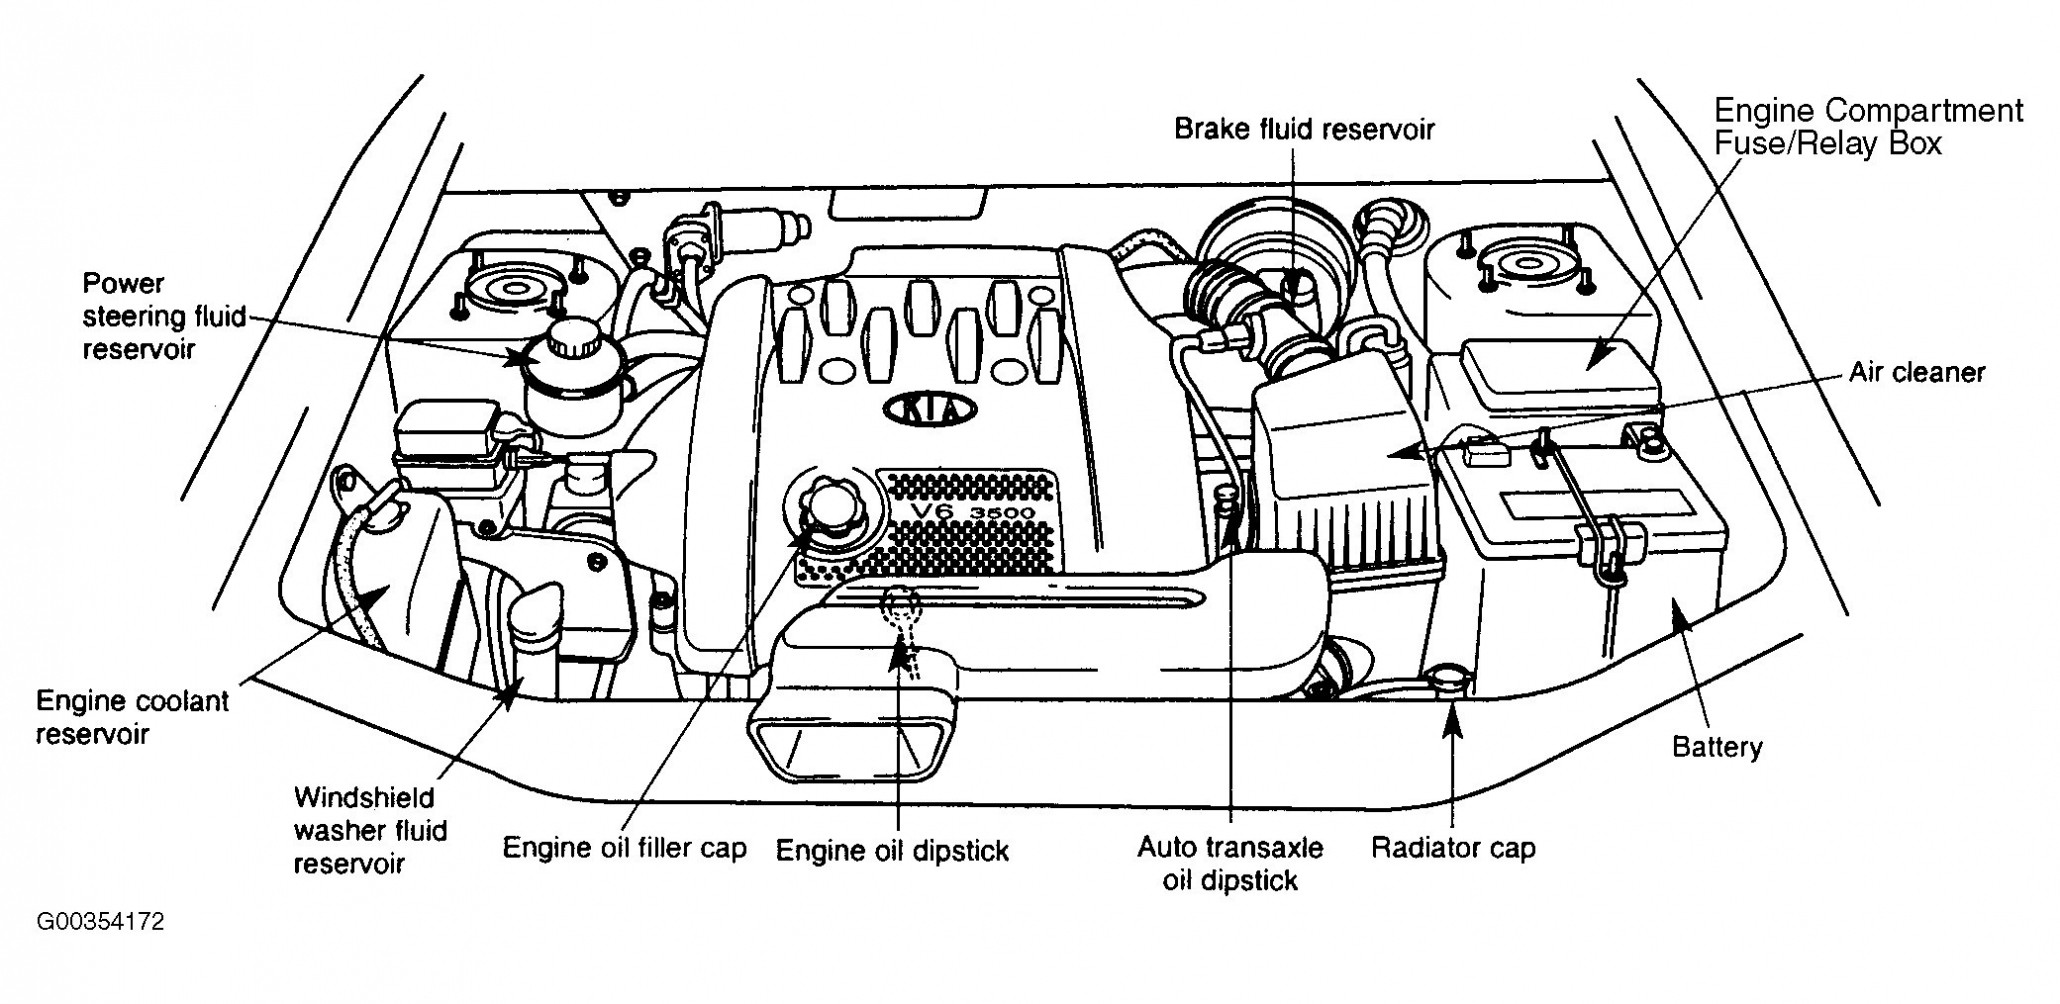 94 Kium Sephium Wiring Diagram